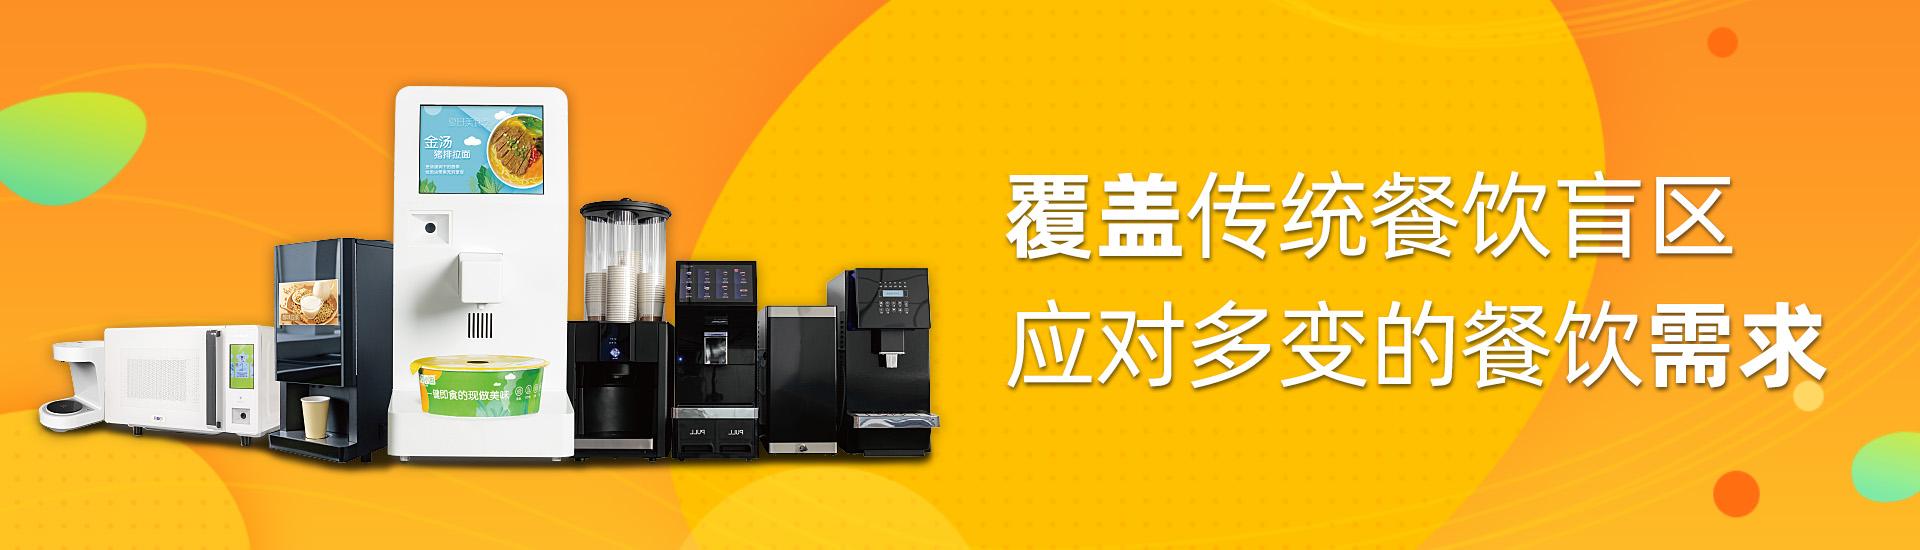 中国智慧餐饮新零售创新品牌